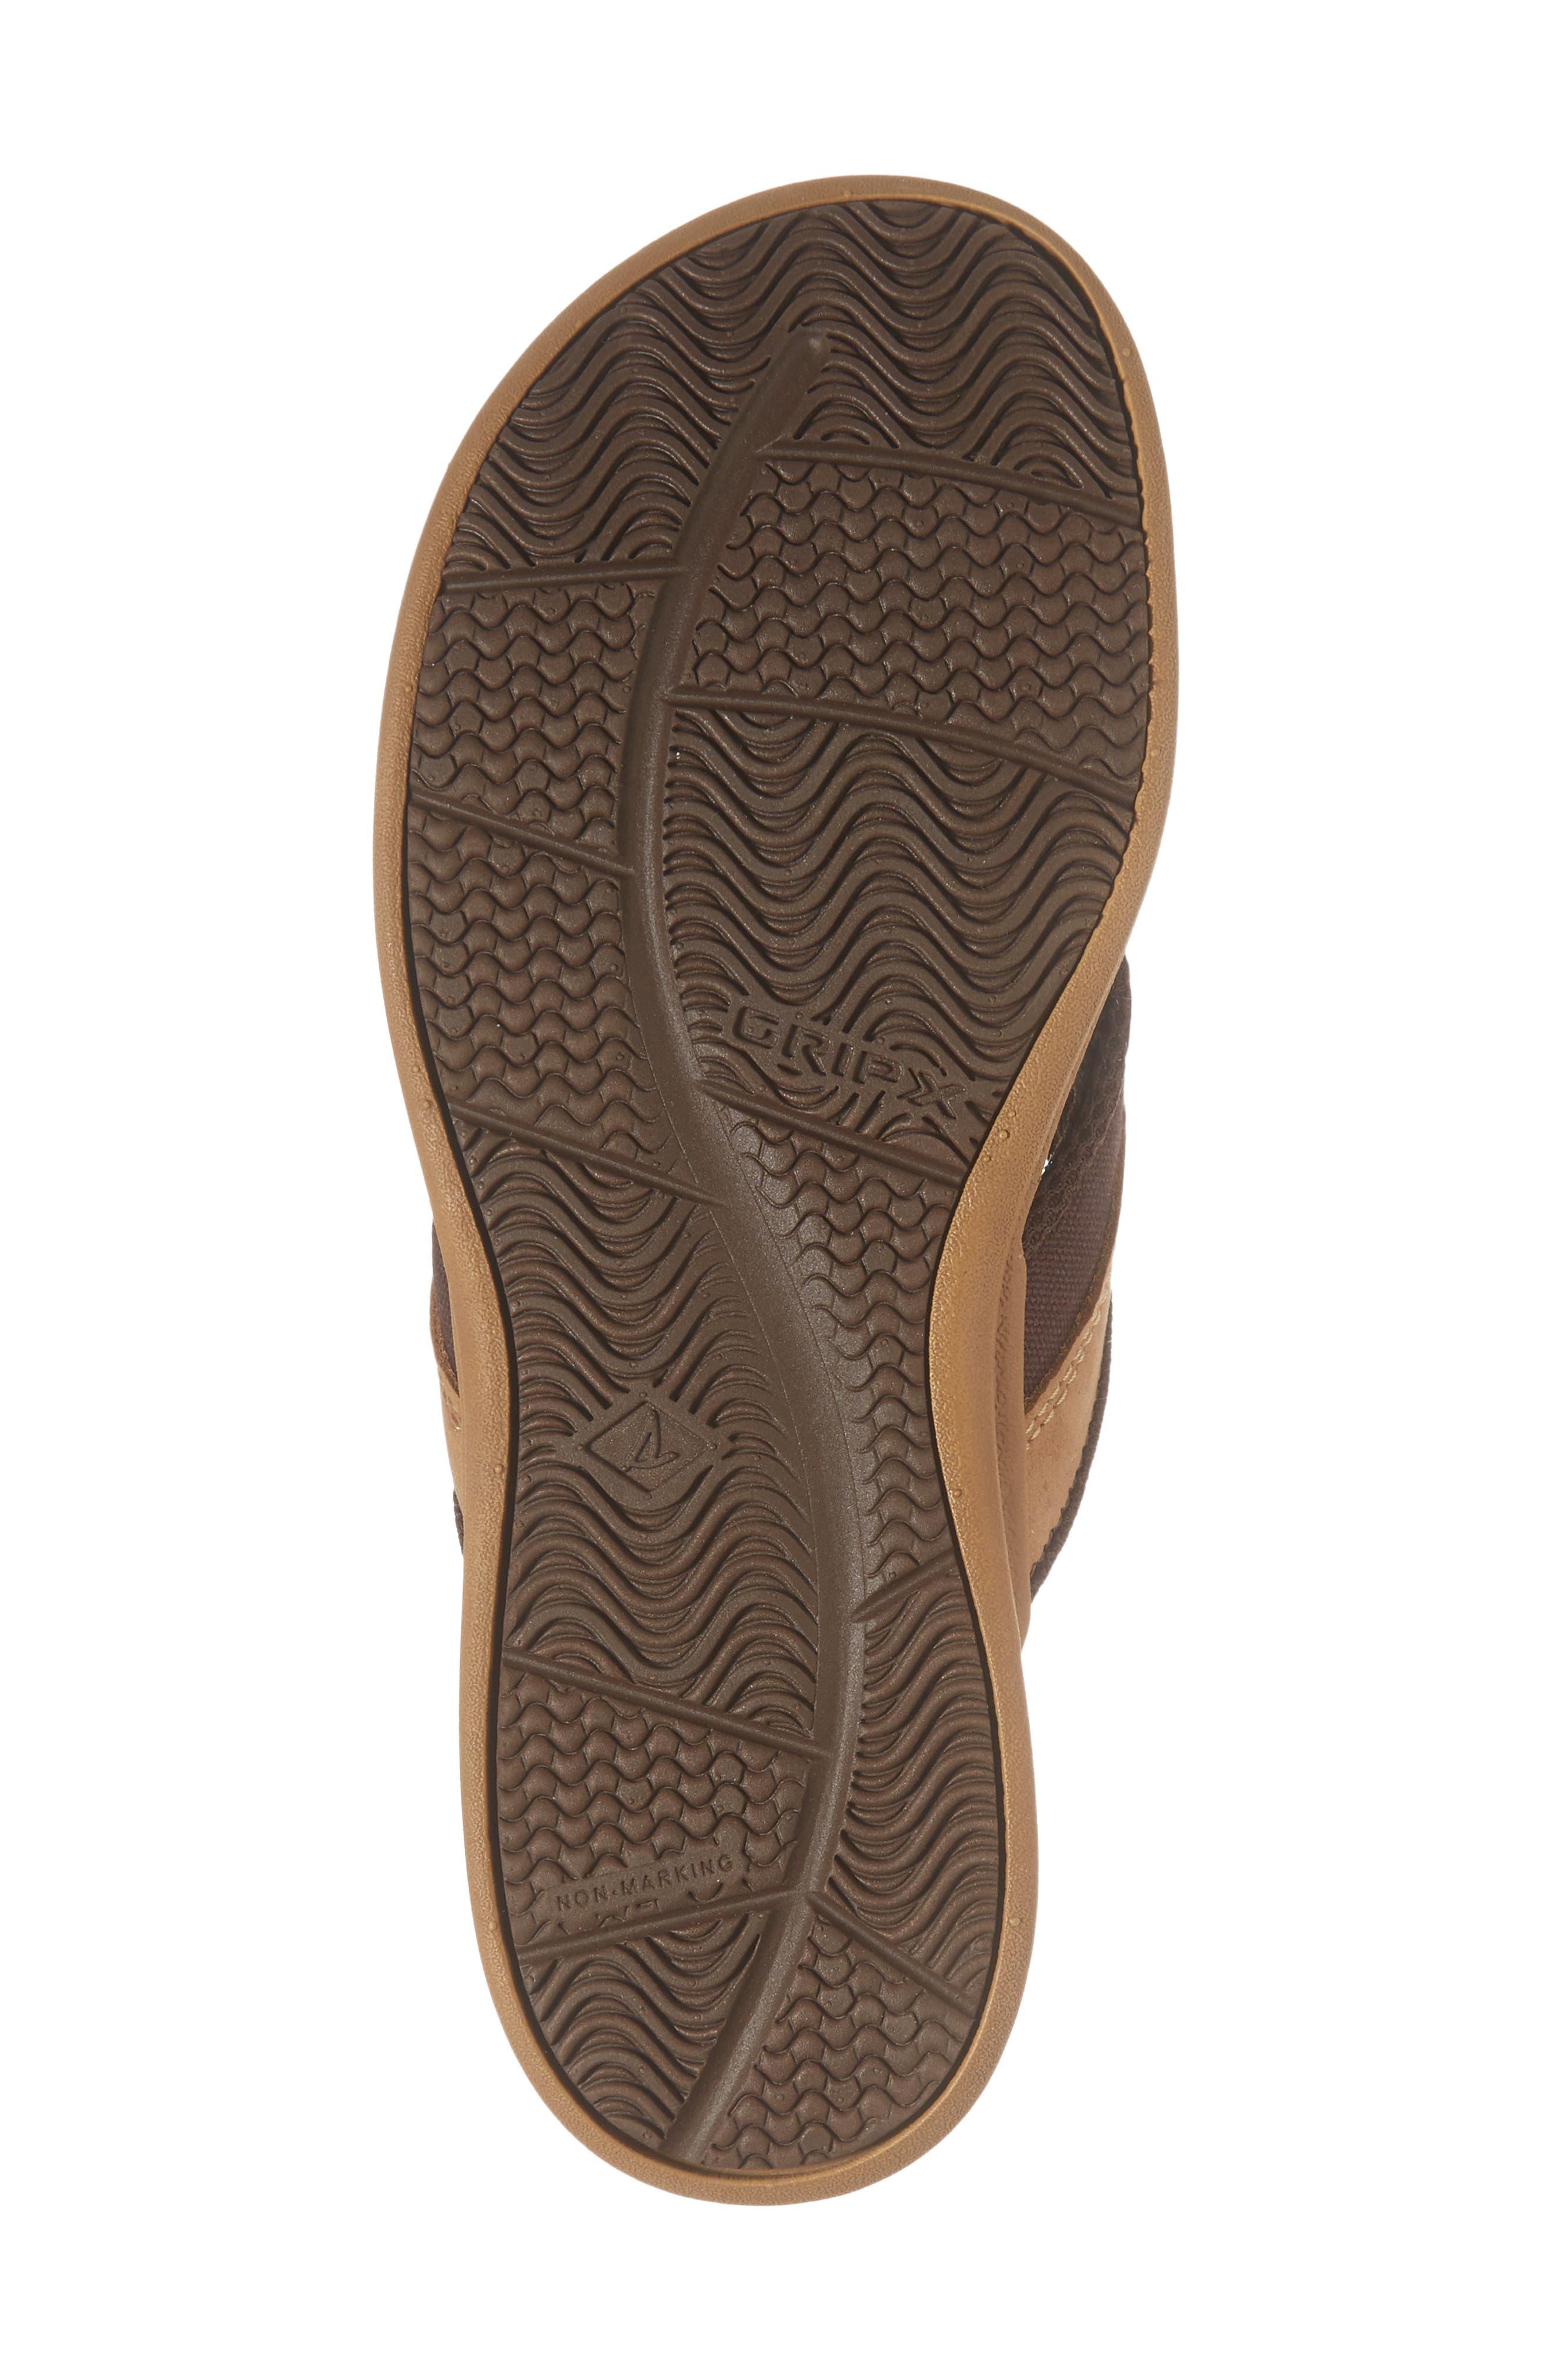 Gamefish Thong Sandal,                             Alternate thumbnail 6, color,                             Dark Tan